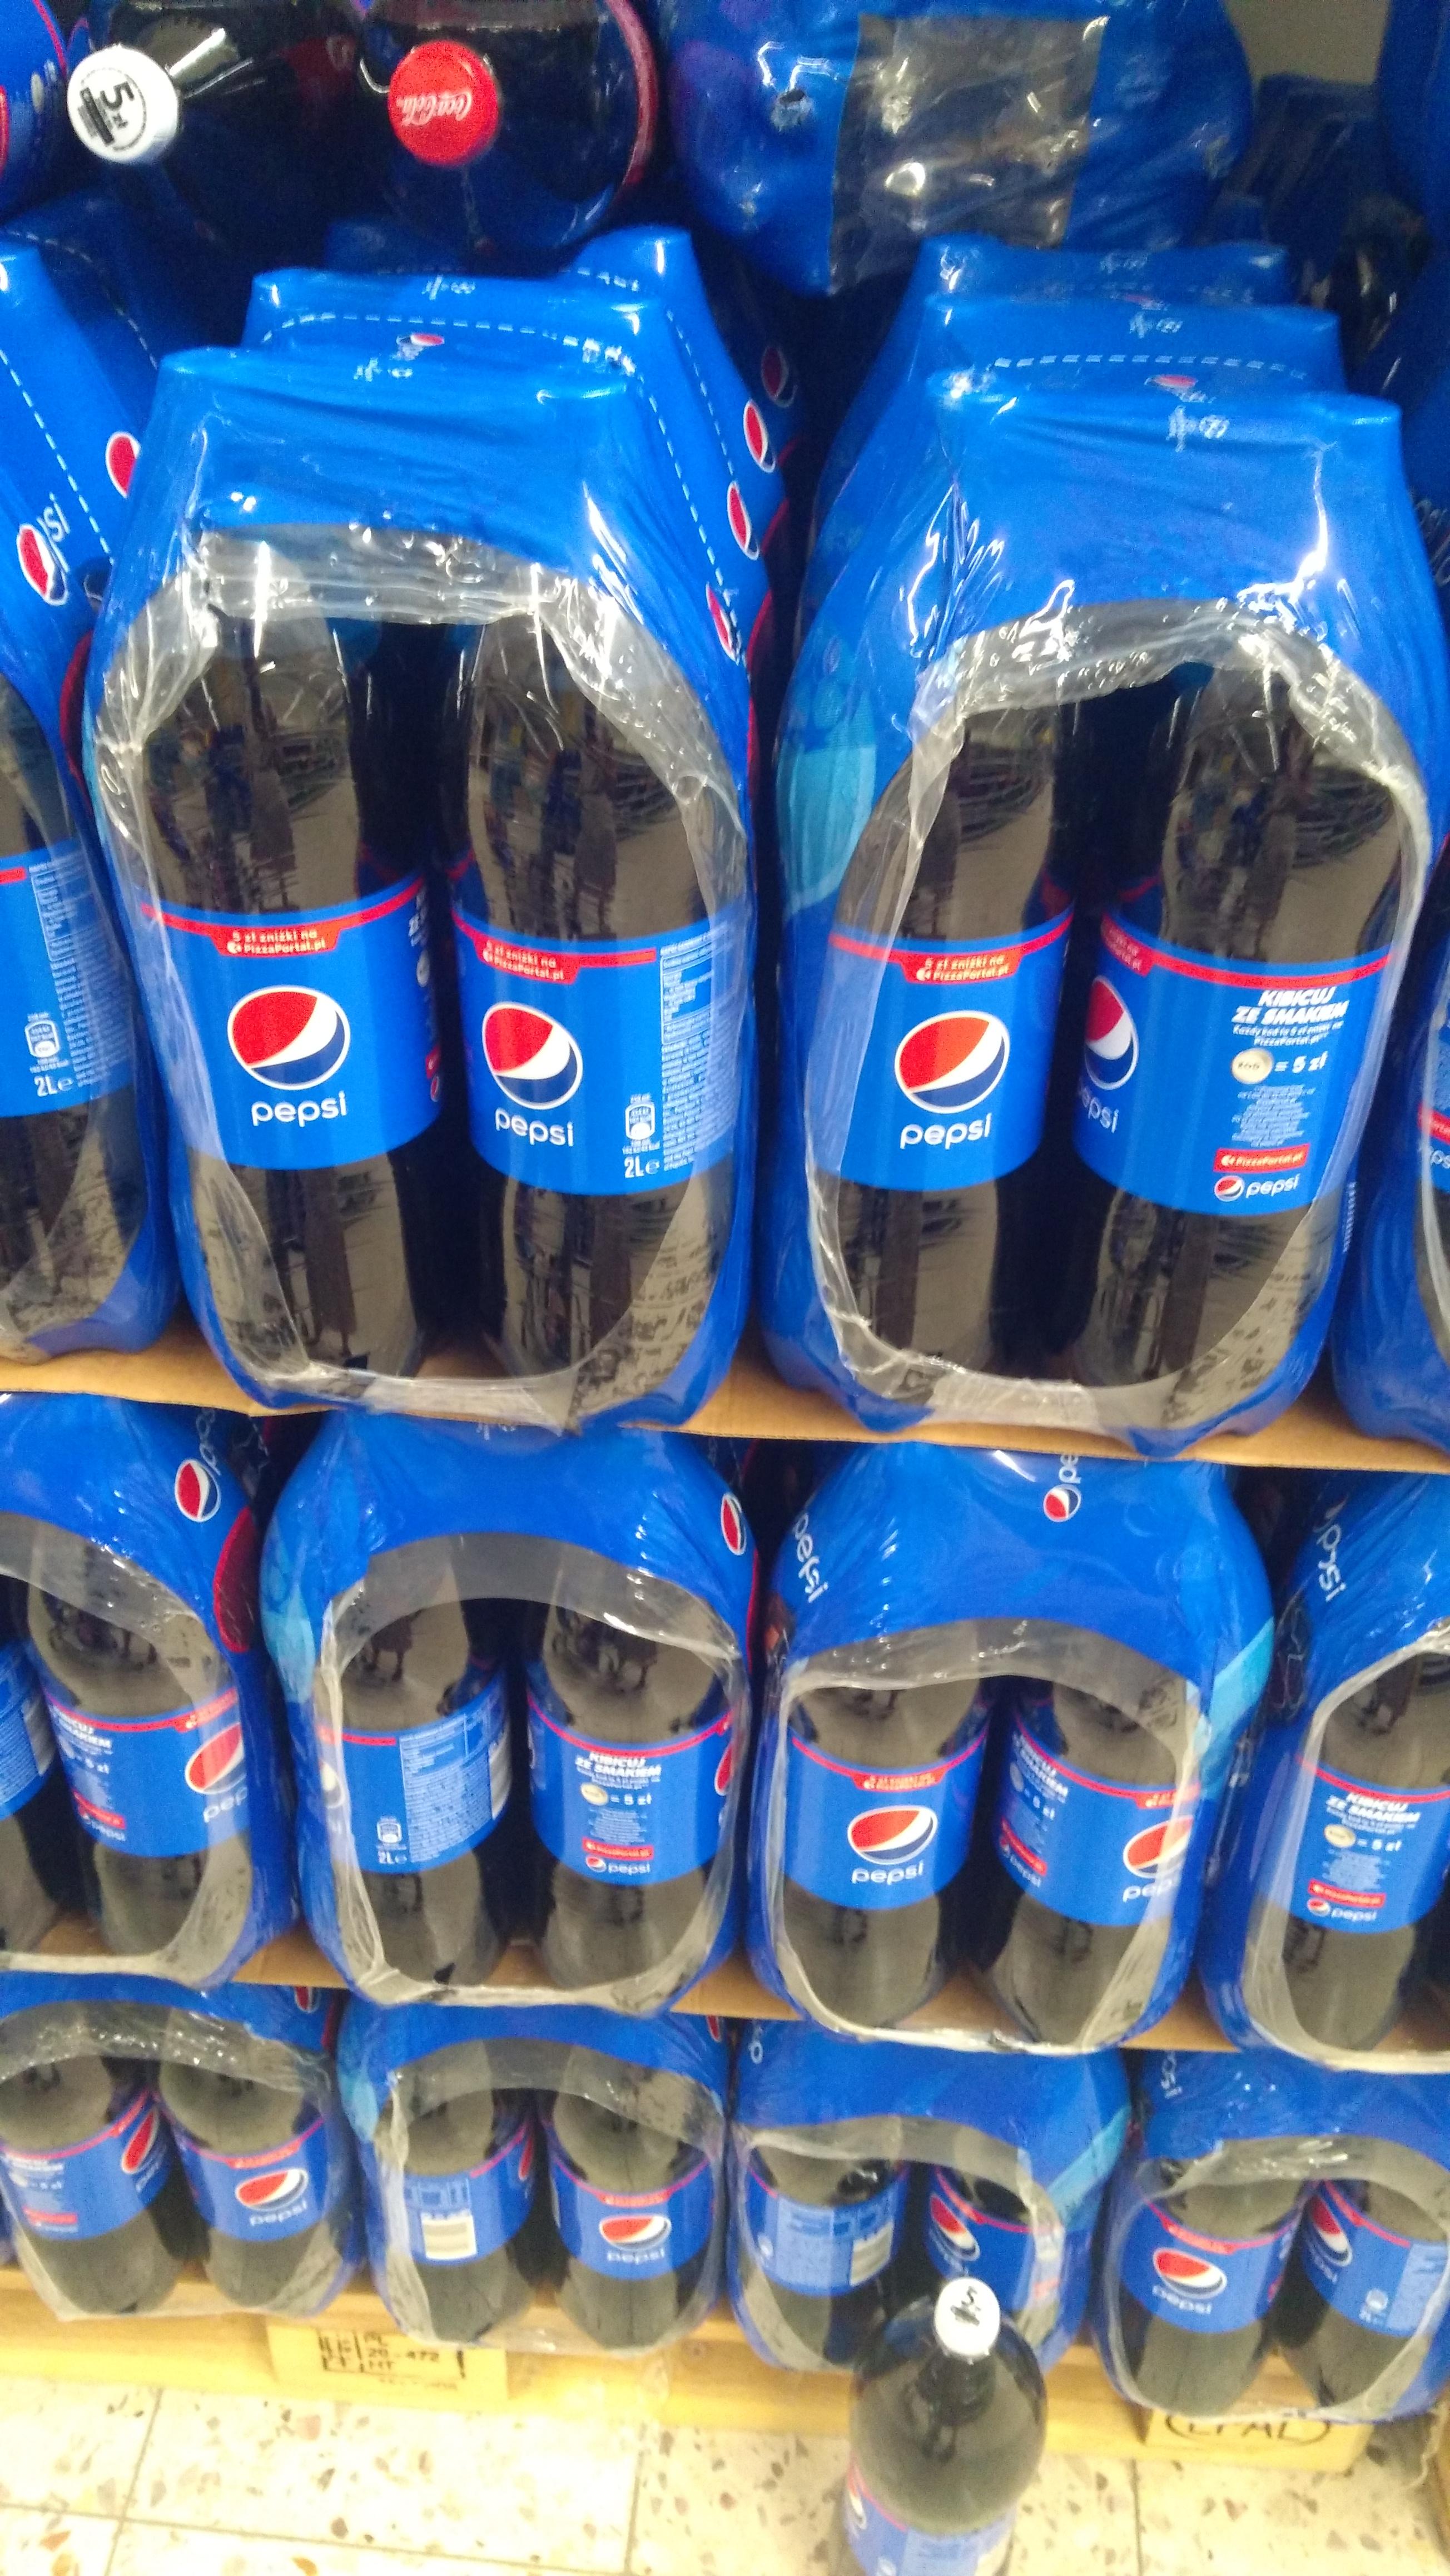 Pepsi 2x2 l Tesco